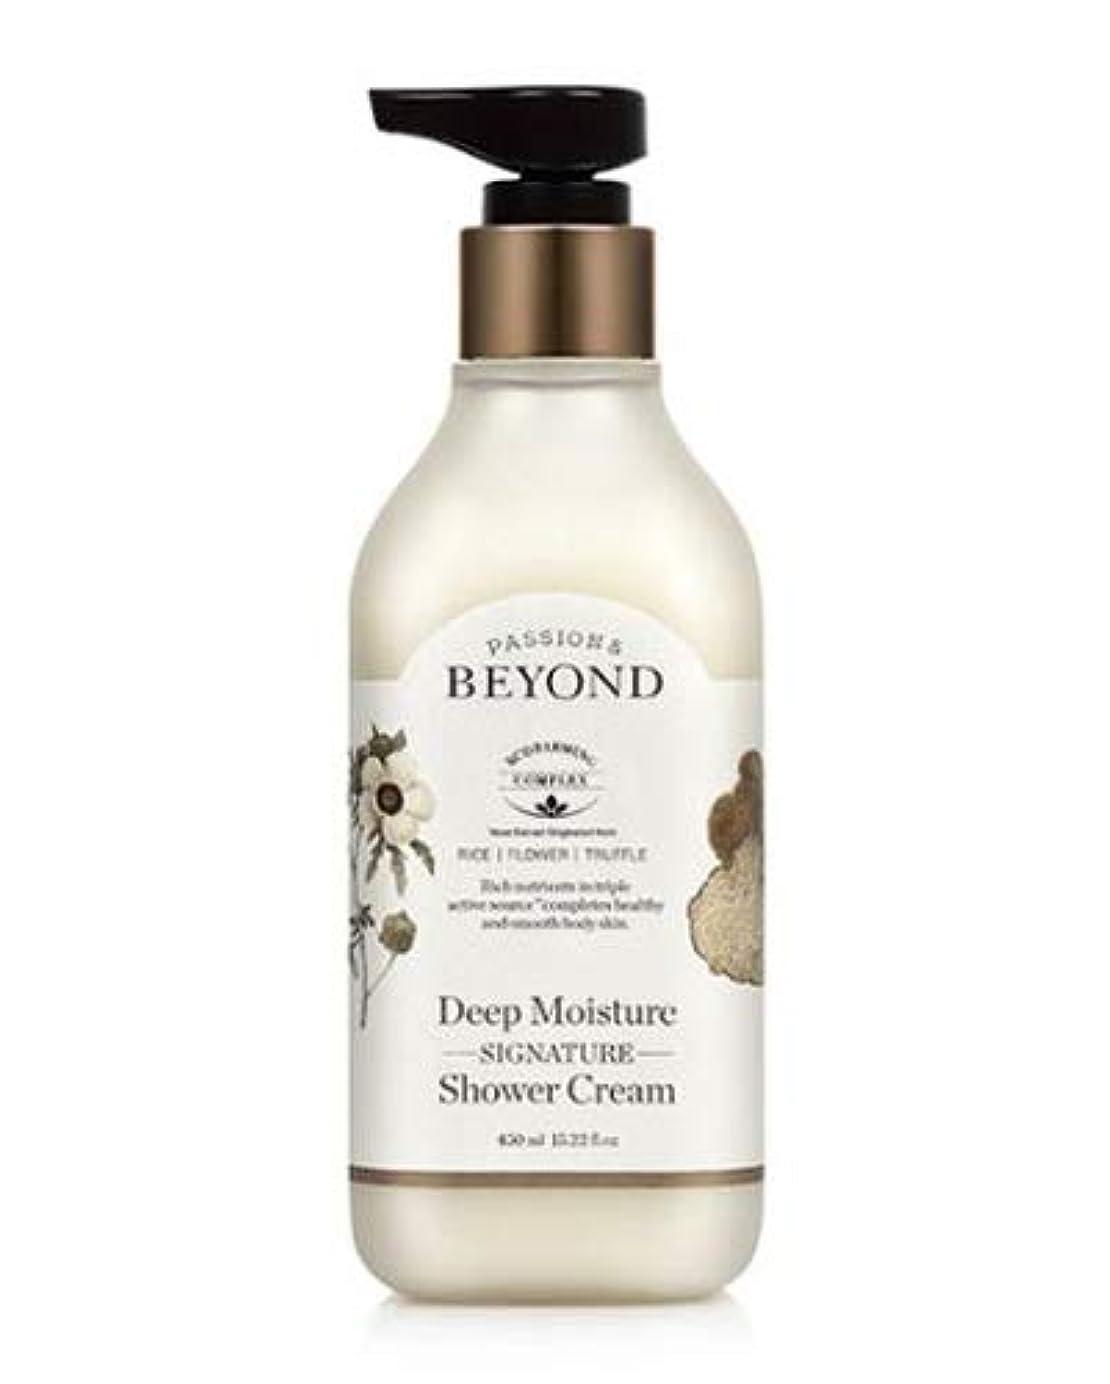 亡命優れた剛性[ビヨンド] BEYOND [ディープモイスチャー シグネチャー シャワークリーム 450ml] Deep Moisture Signature Shower Cream 450ml [海外直送品]